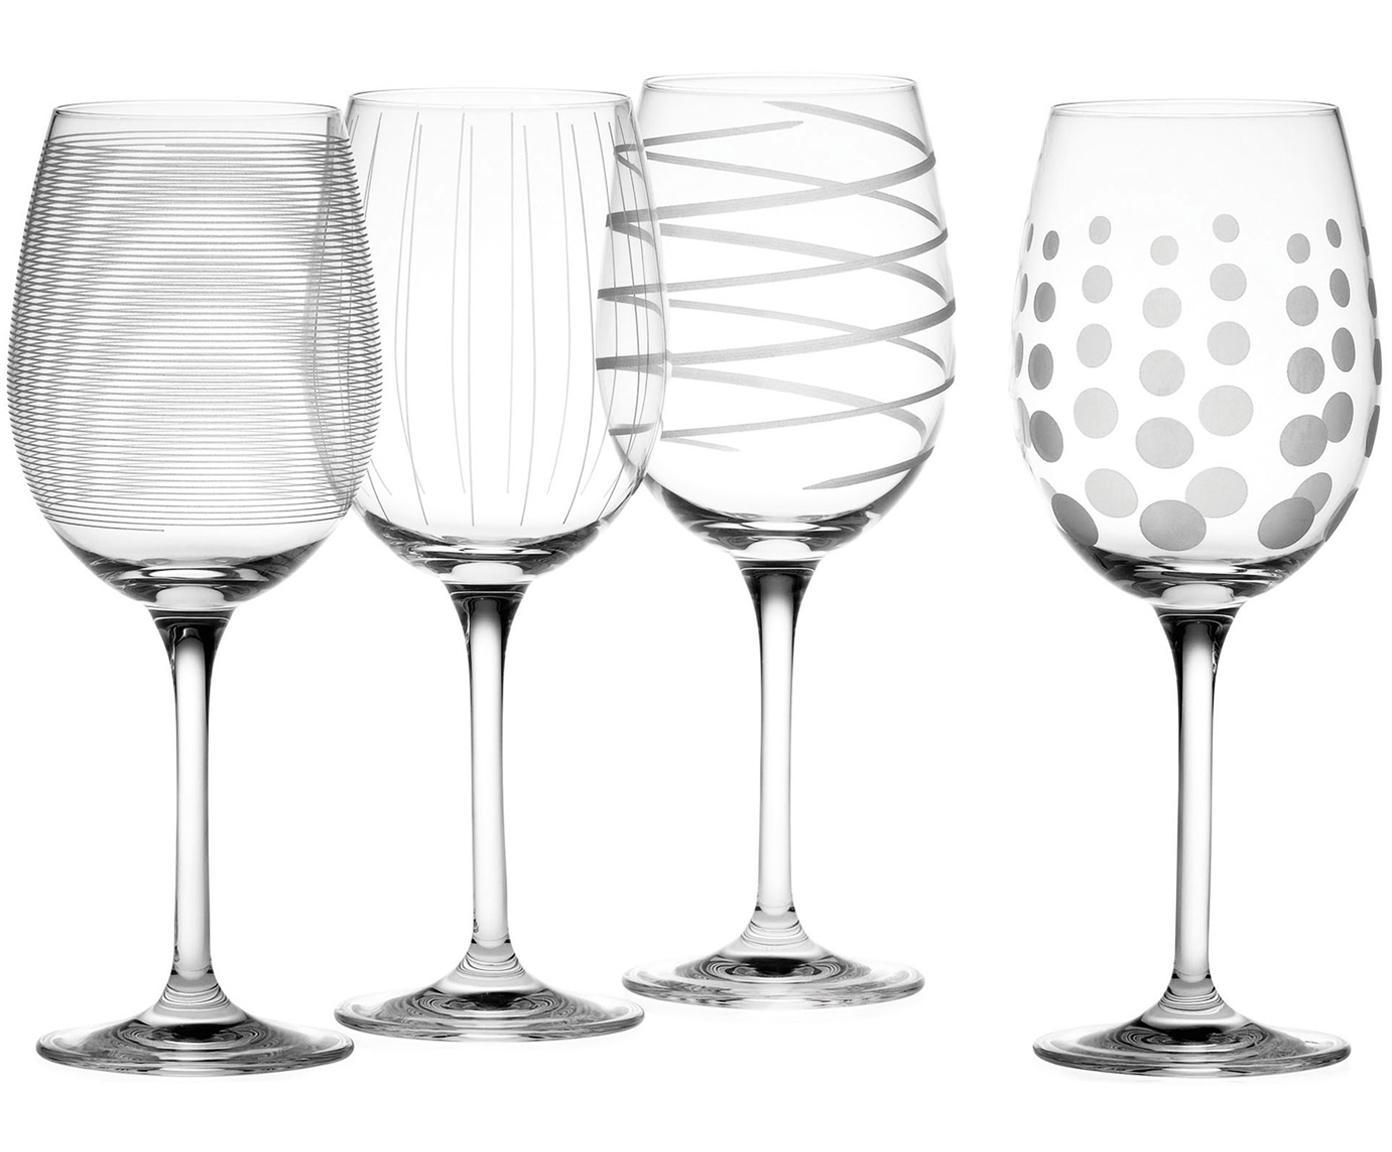 Witte wijnglazenset Mikasa met zilverkleurige decoratie, 4-delig, Glas, Transparant, zilverkleurig, Ø 9 x H 23 cm